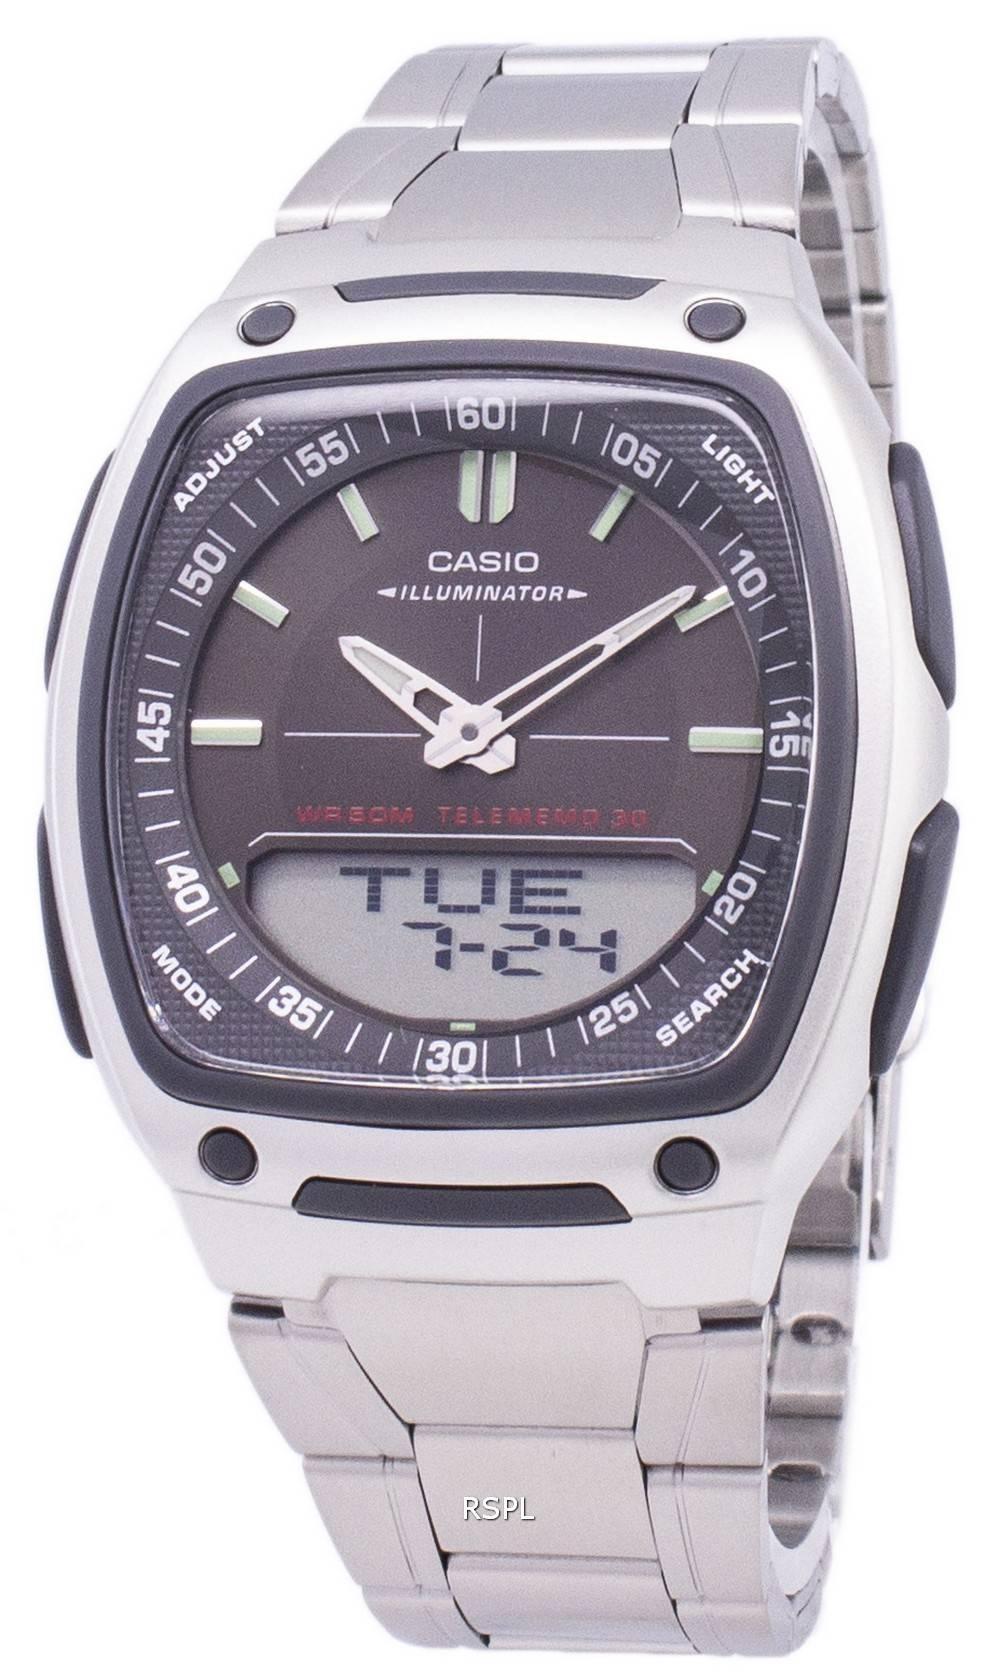 Casio Analog Digital Telememo Illuminator AW-81D-1AVDF AW-81D-1AV Men's Watch